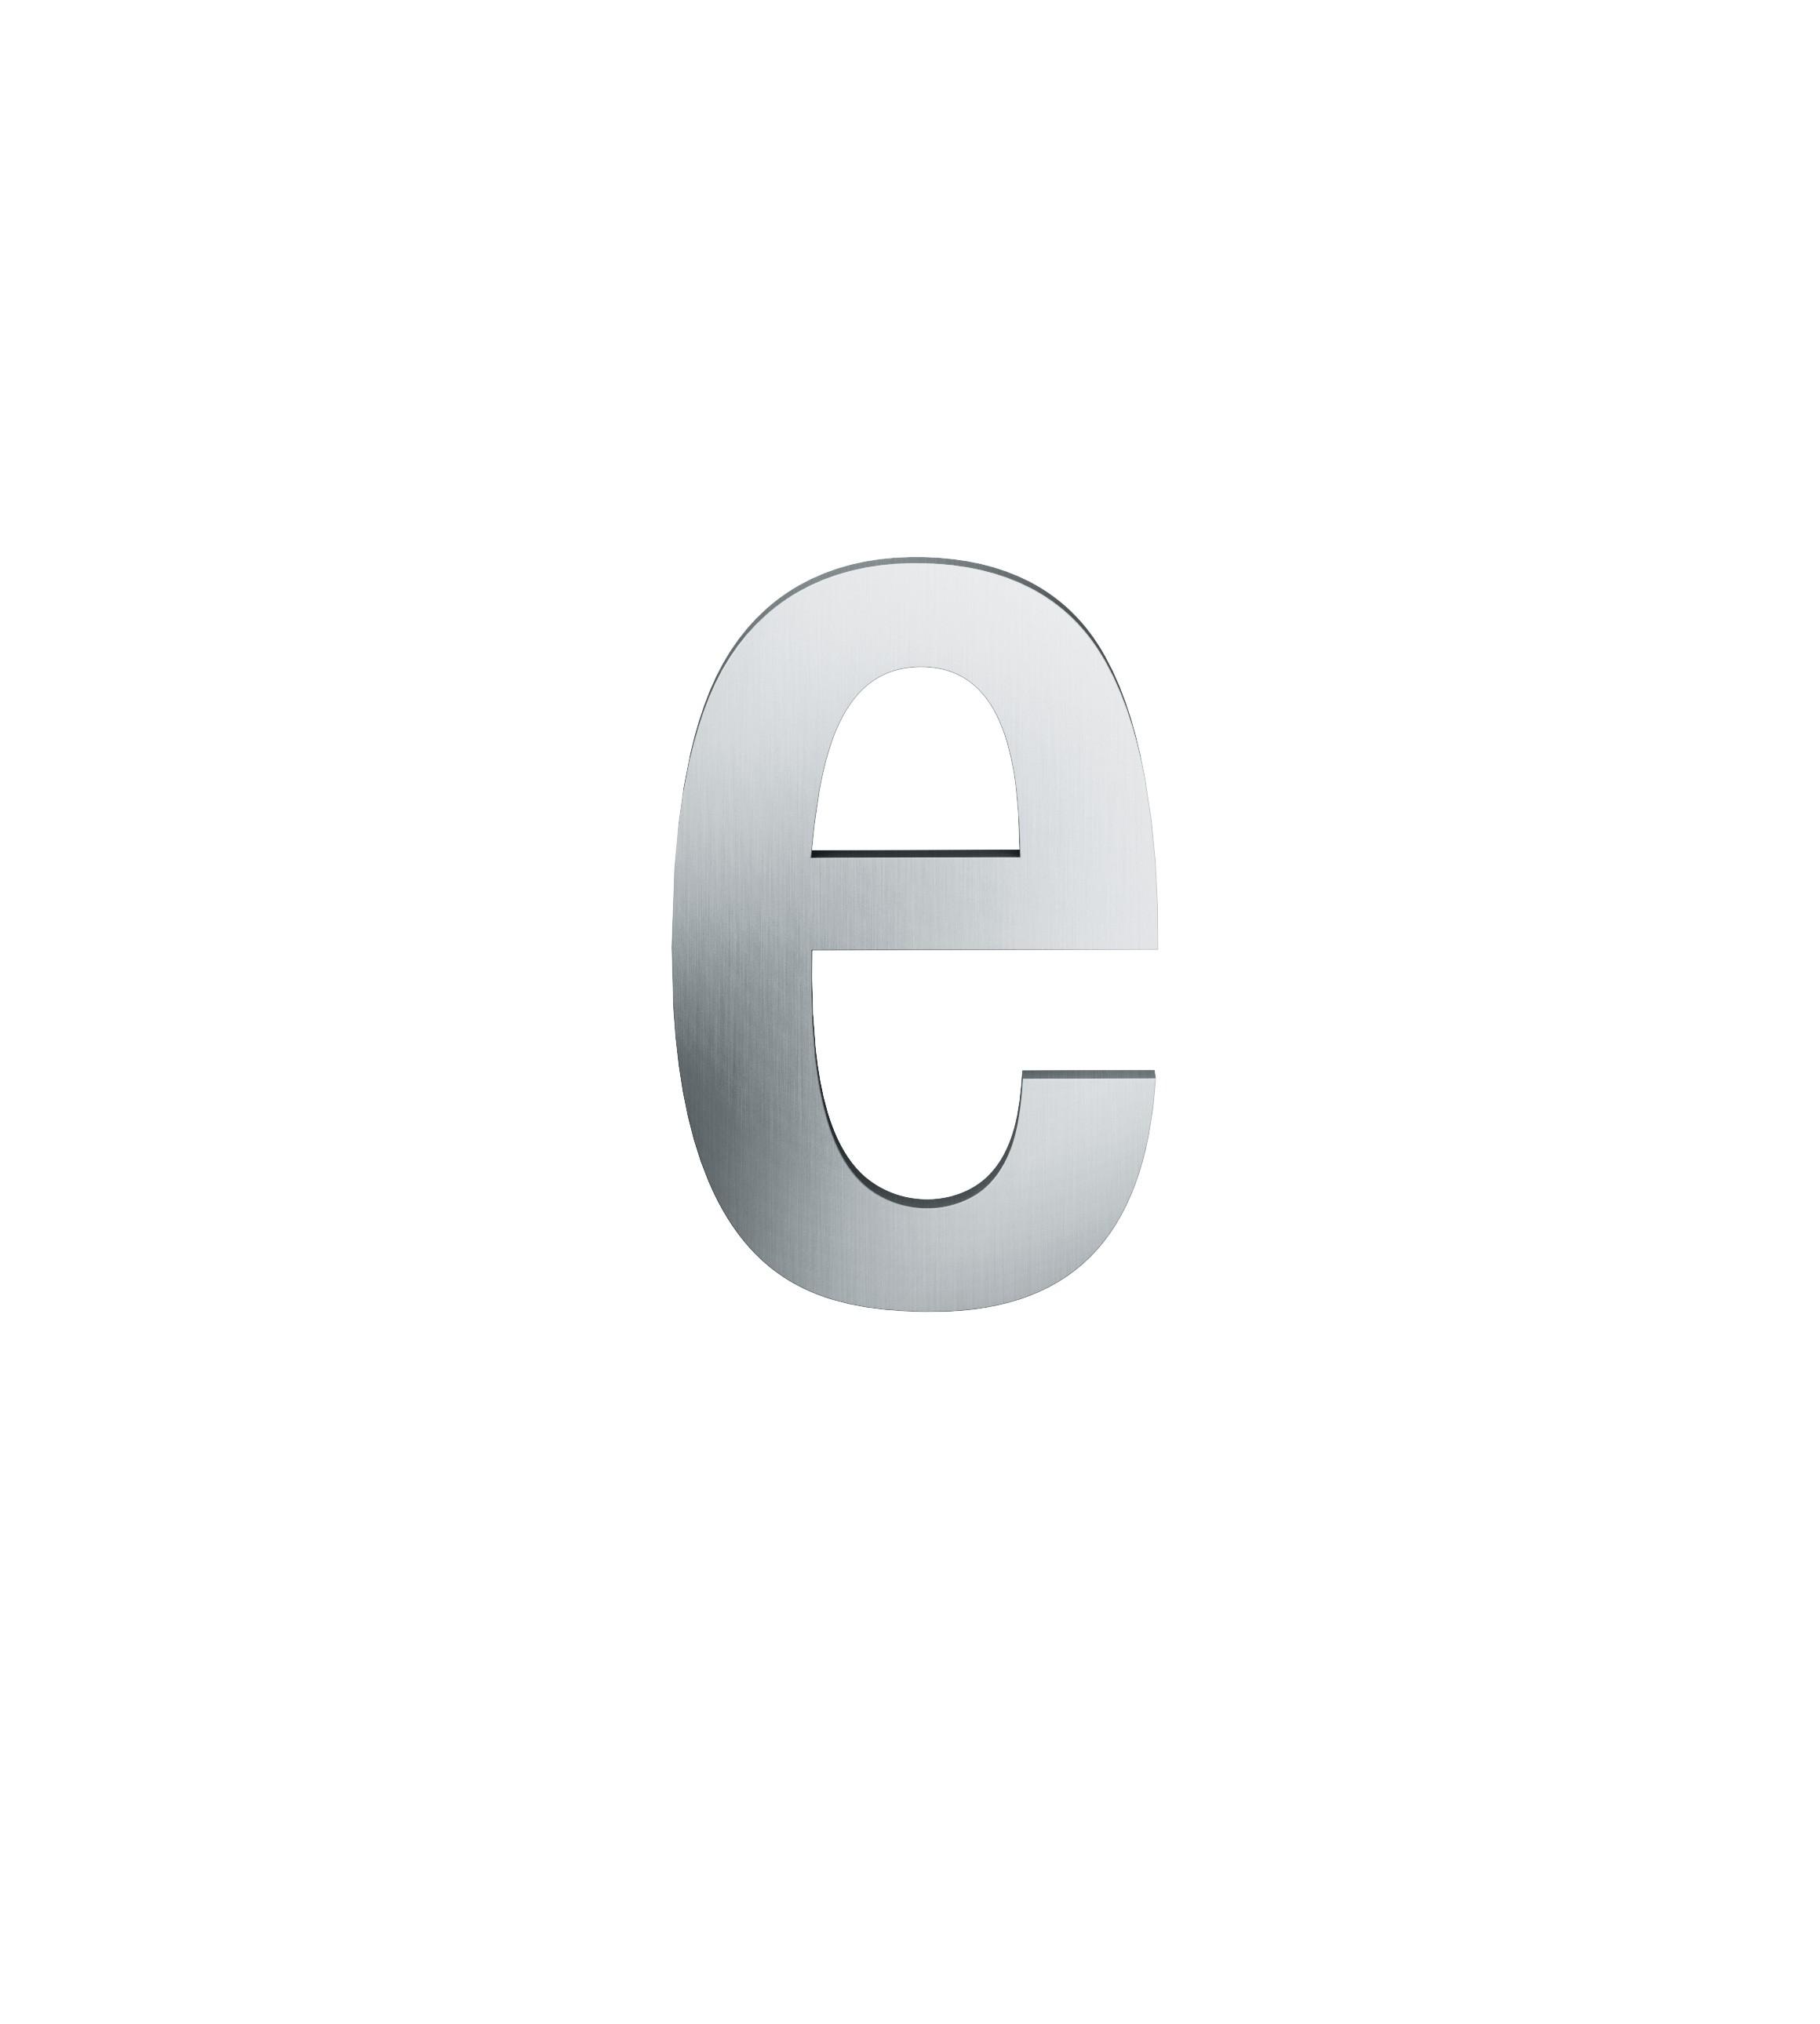 FSB Hausnummer Buchstabe e Edelstahl (0 38 4005 00016 6204)